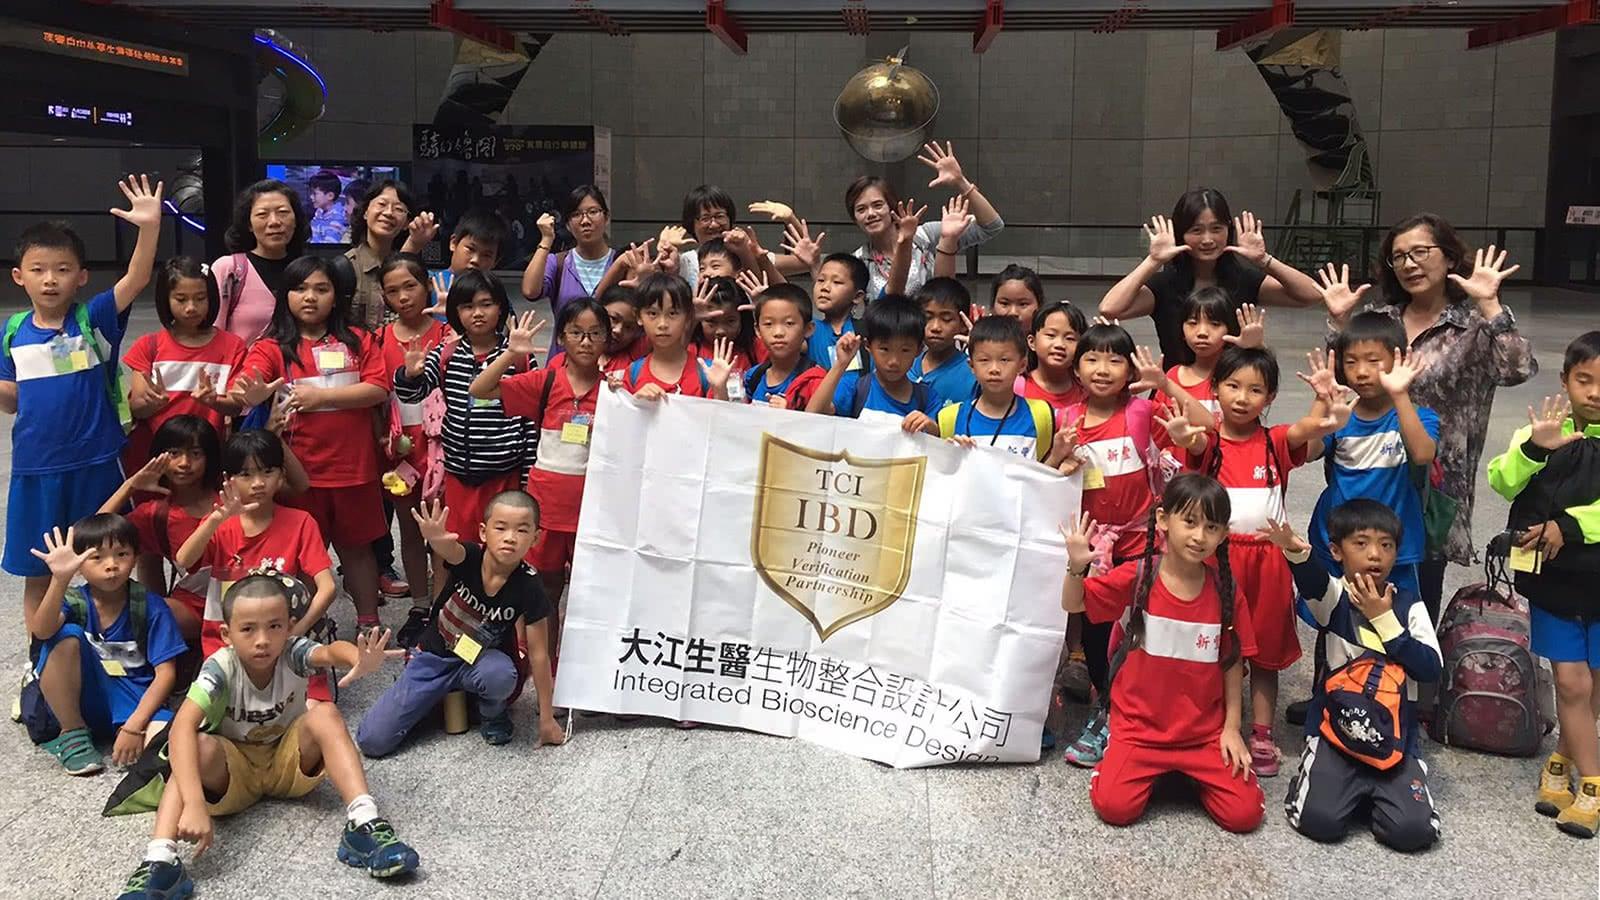 2017年 TCI 大江生医 台中人文科学营 新丰国小